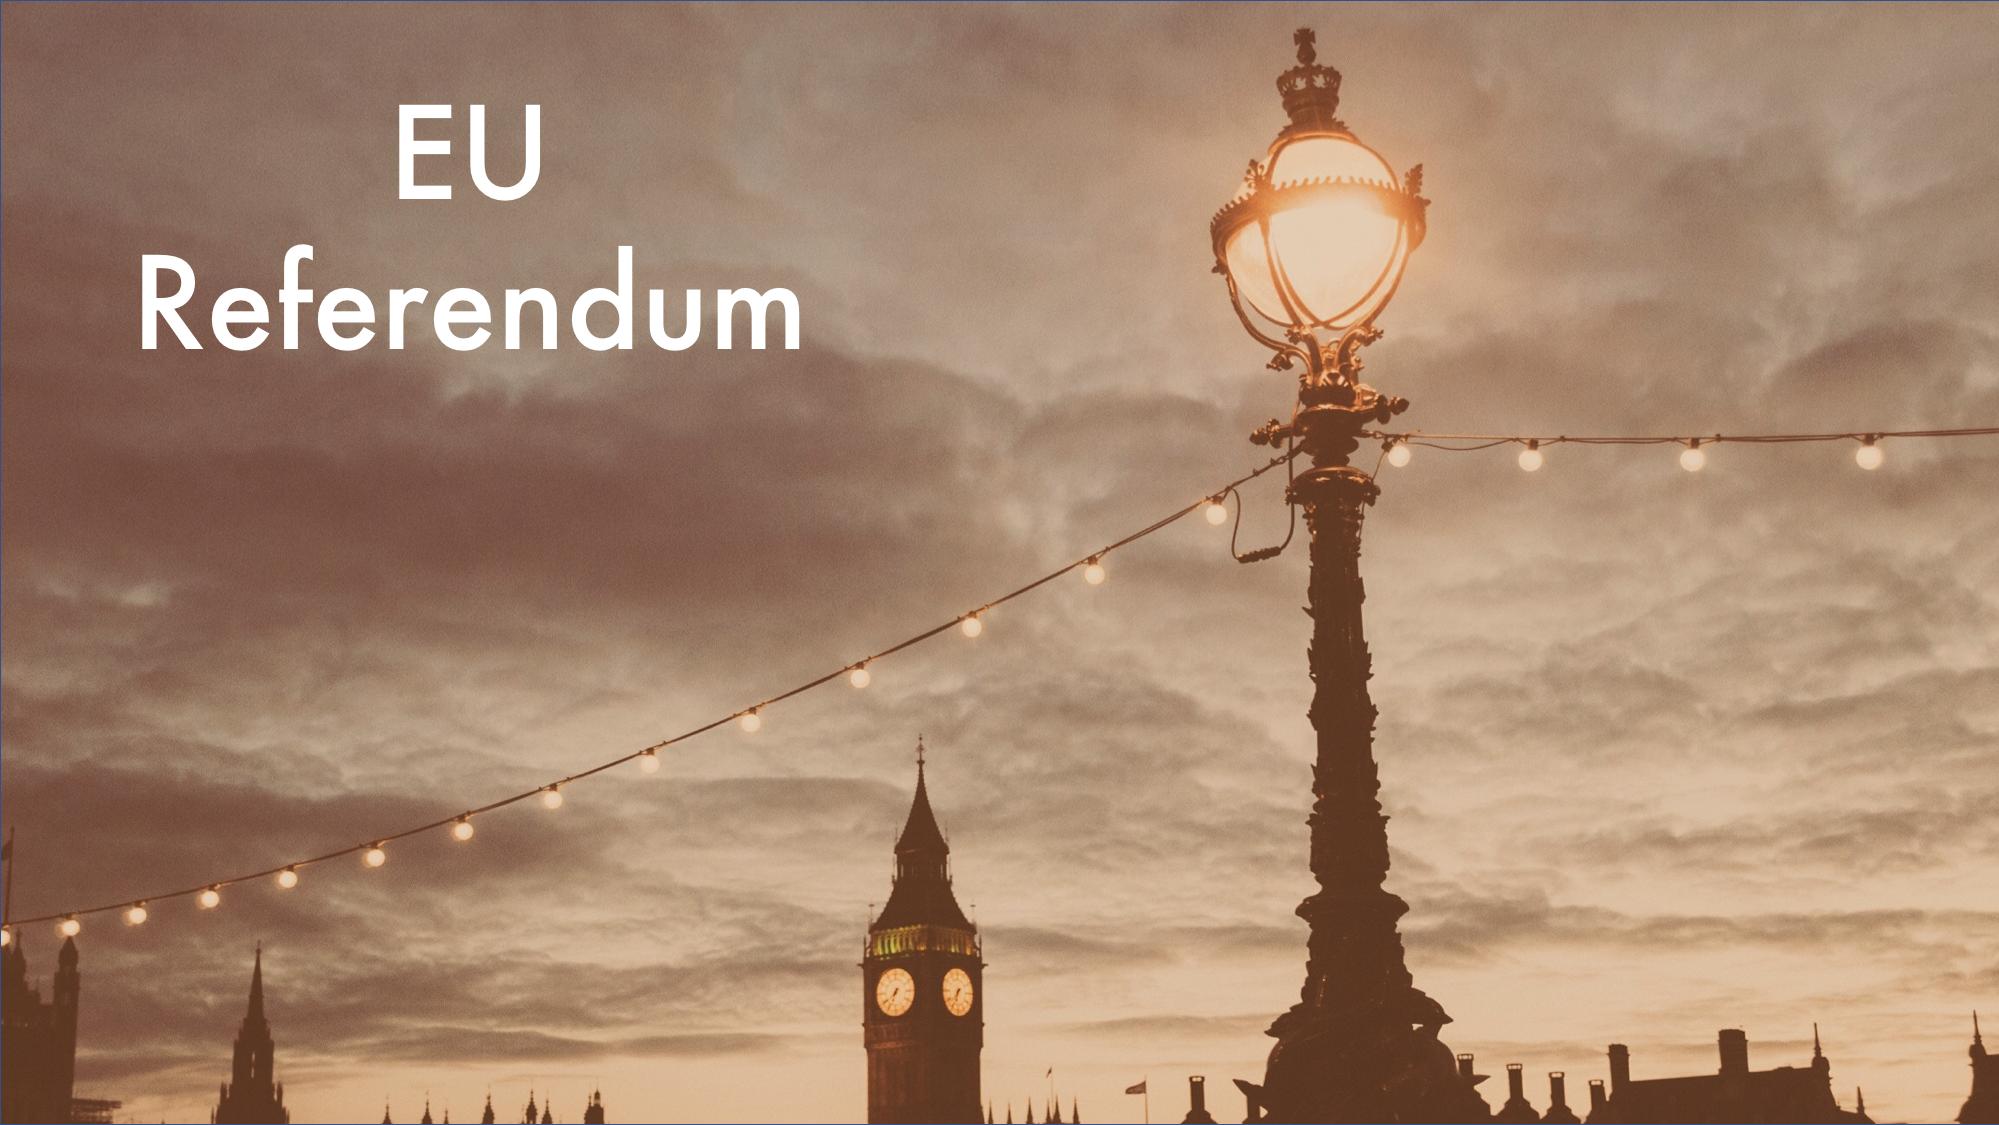 EU Referendum.png